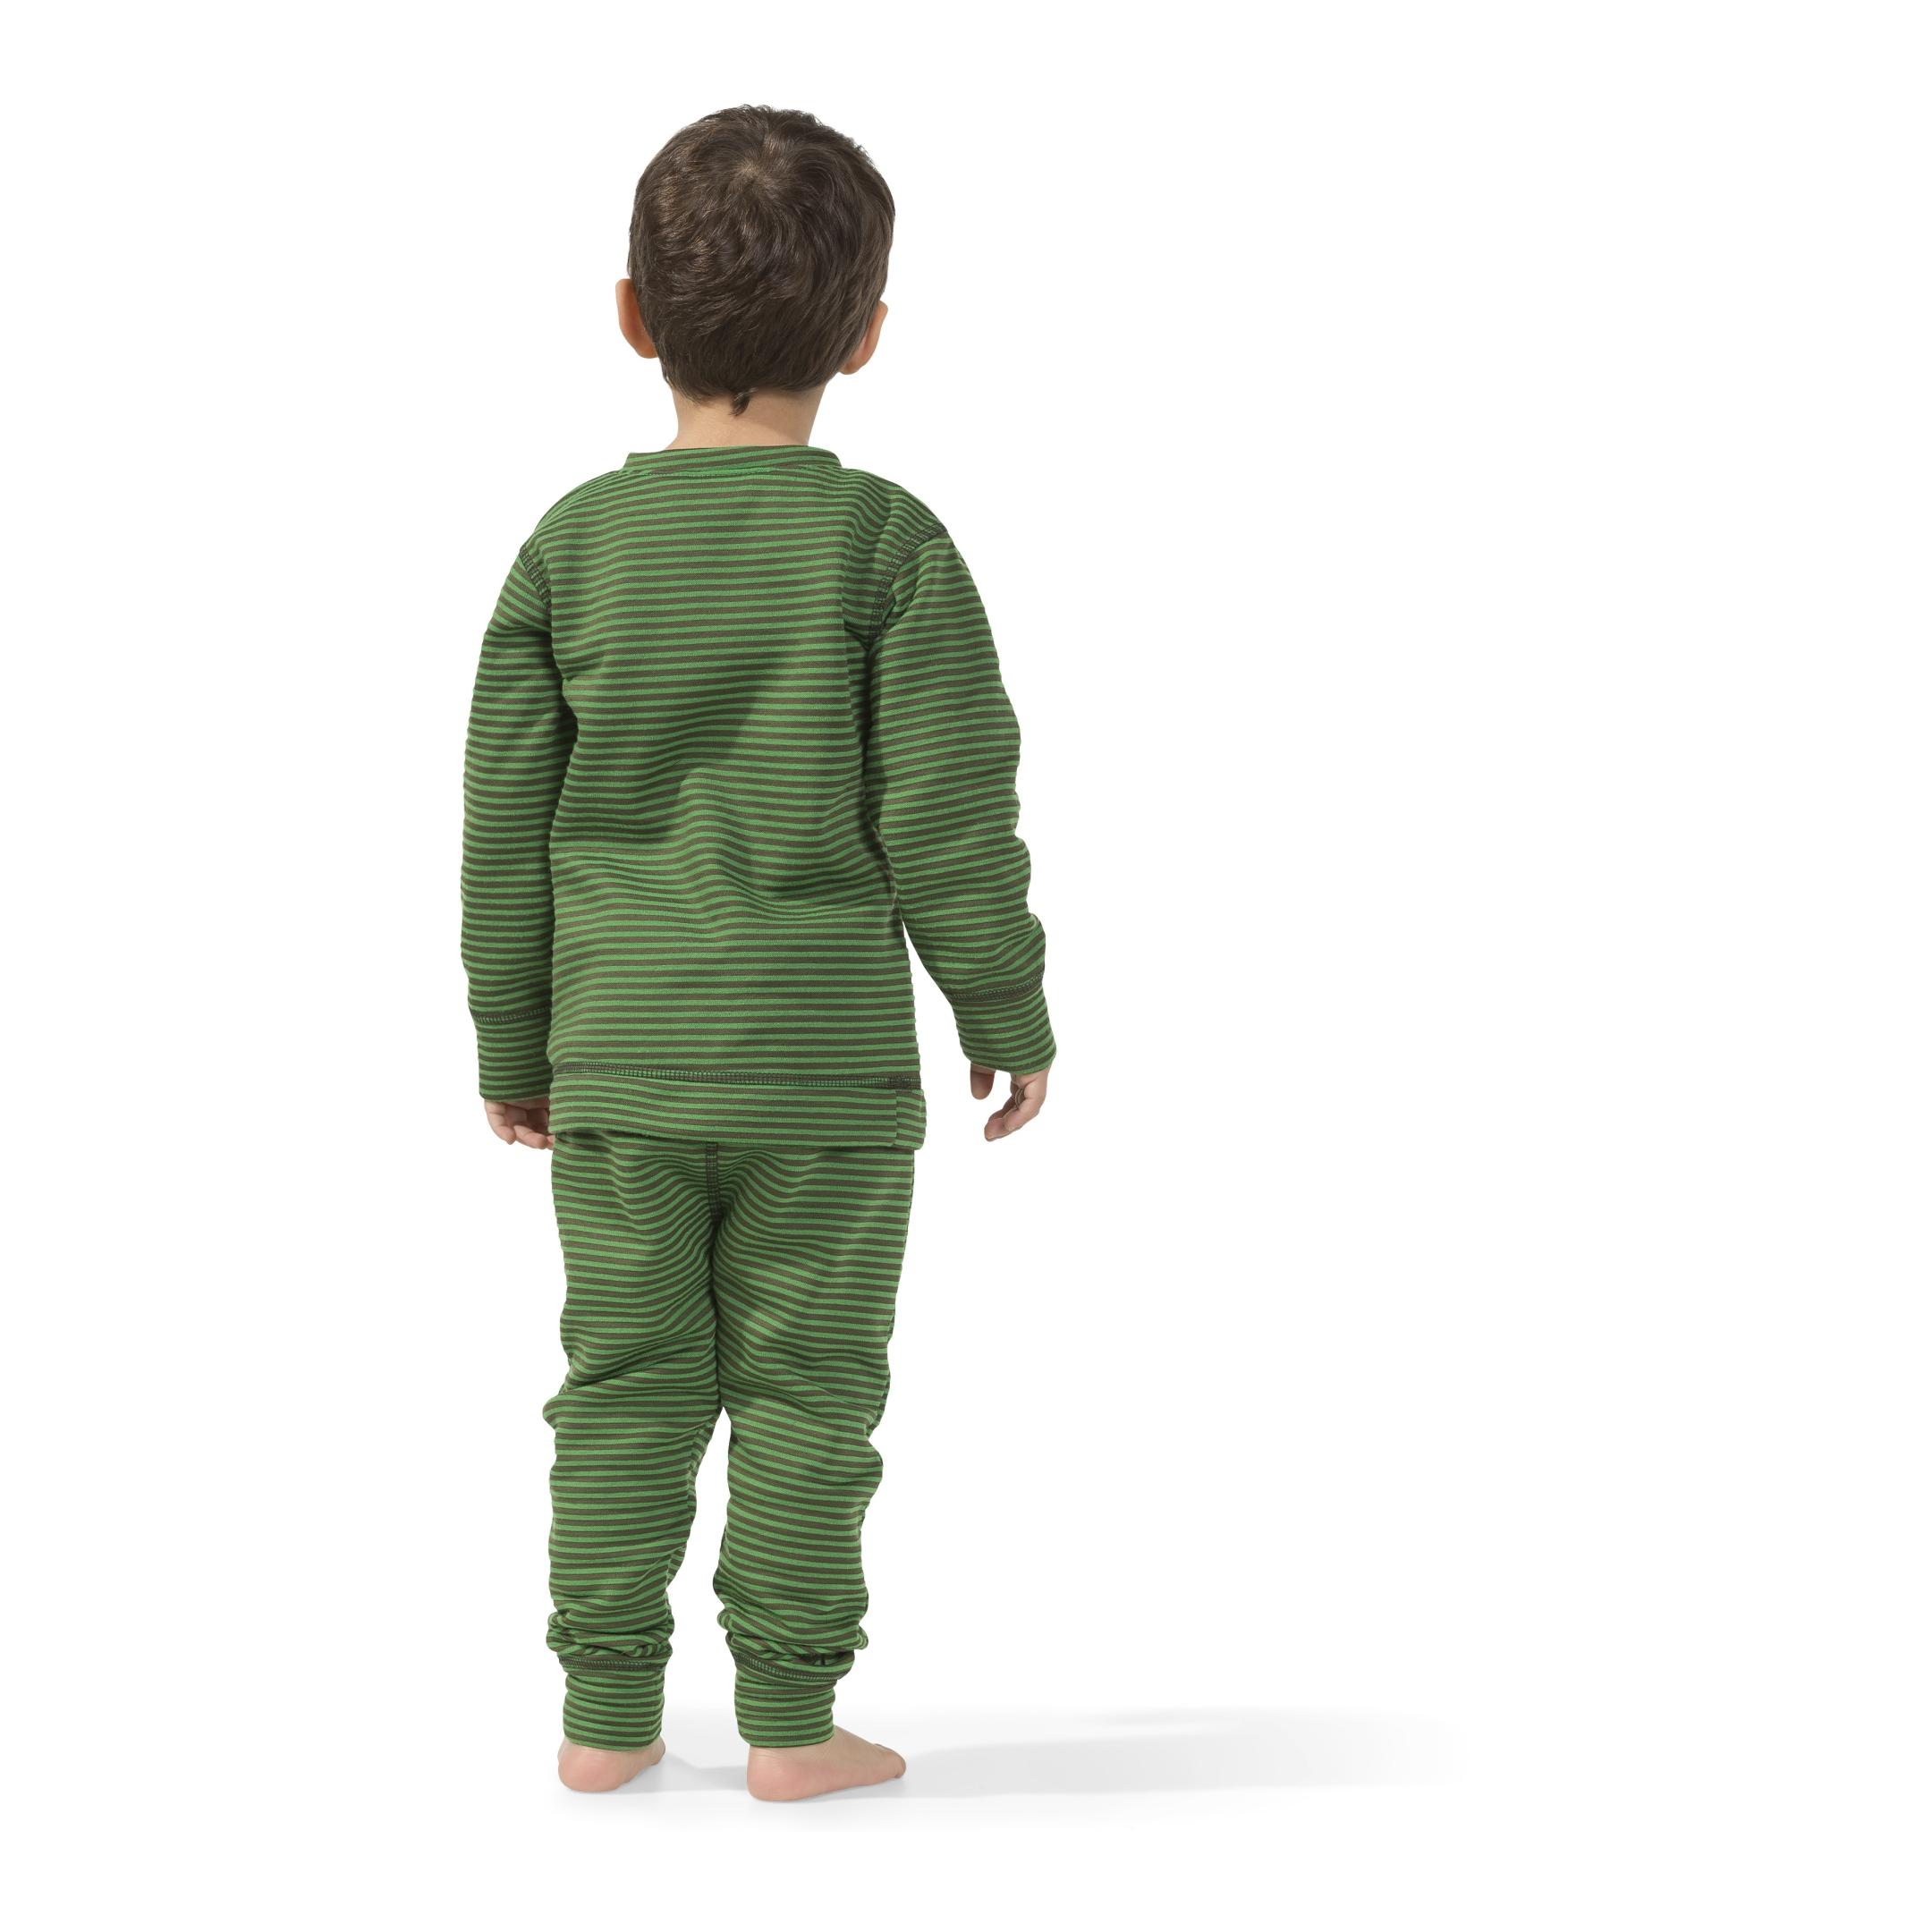 07e04d225 ... alt-detske-funkcne-pradlo-termo-pradlo-pre-deti-  didriksons_tag_cmyk_color_dbg navonka nepremokavé outdoorové detské  oblečenie ...